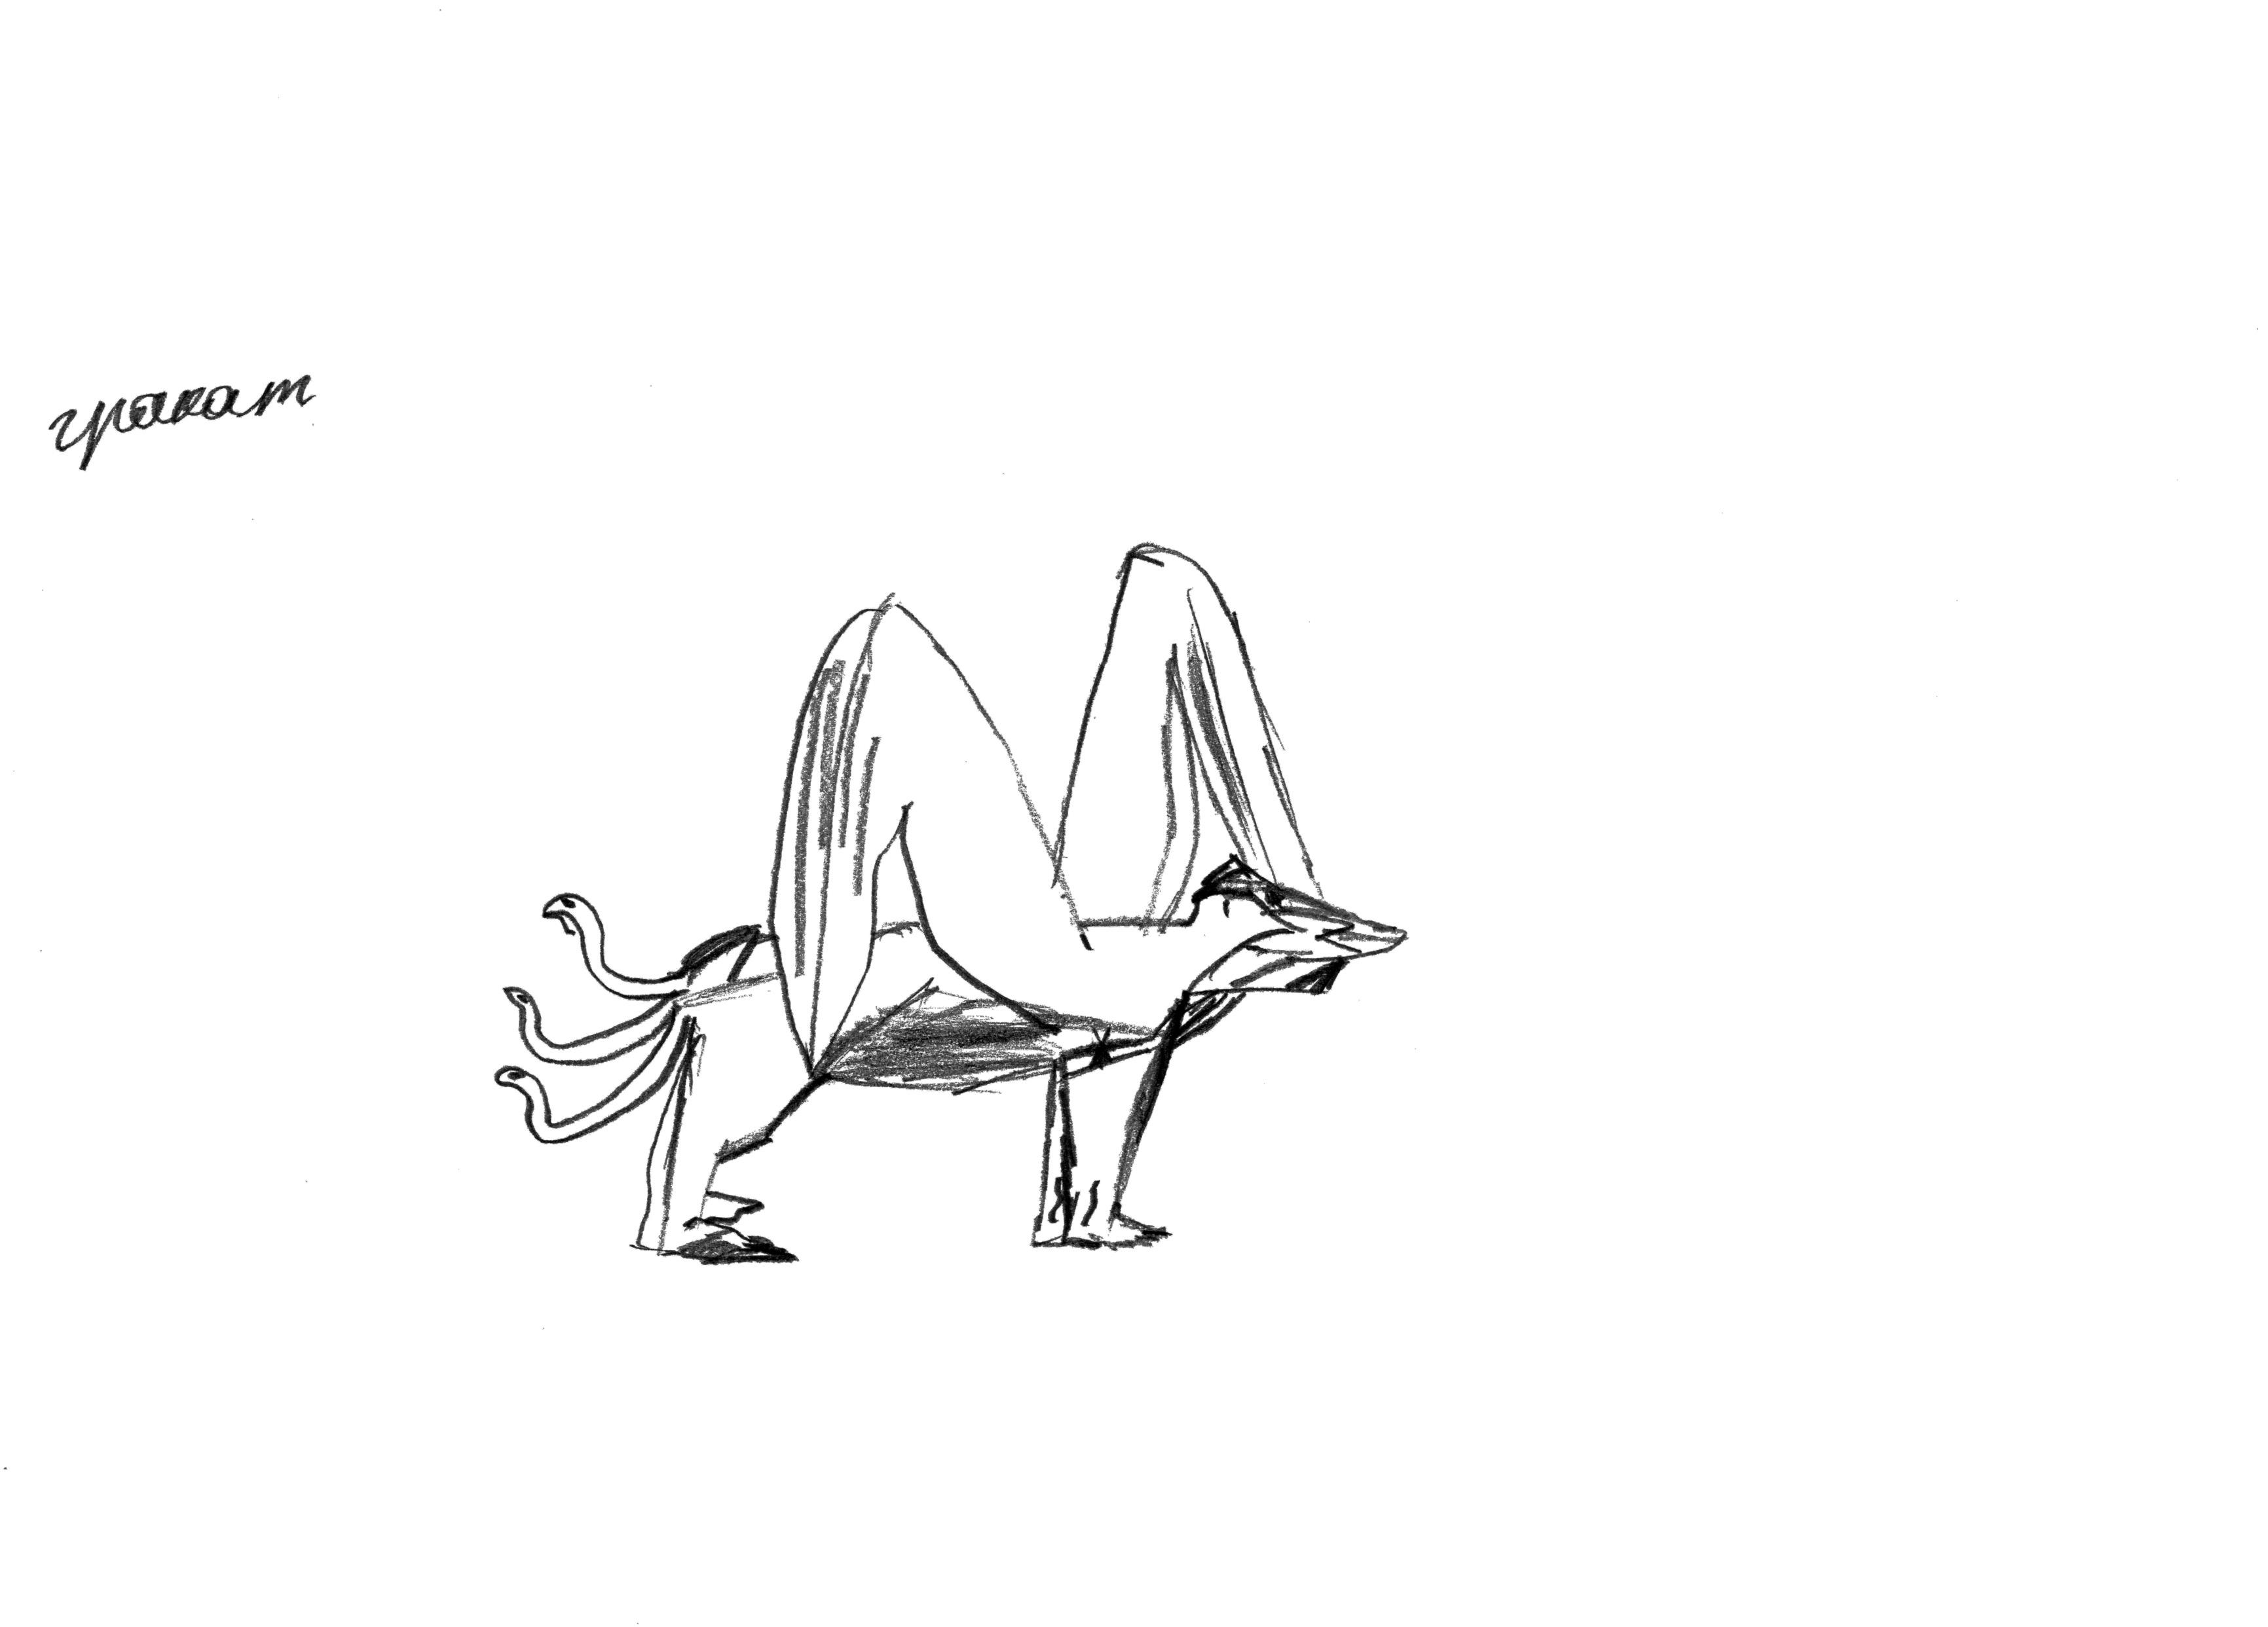 Методика несуществующее животное рисунок оторван от 4